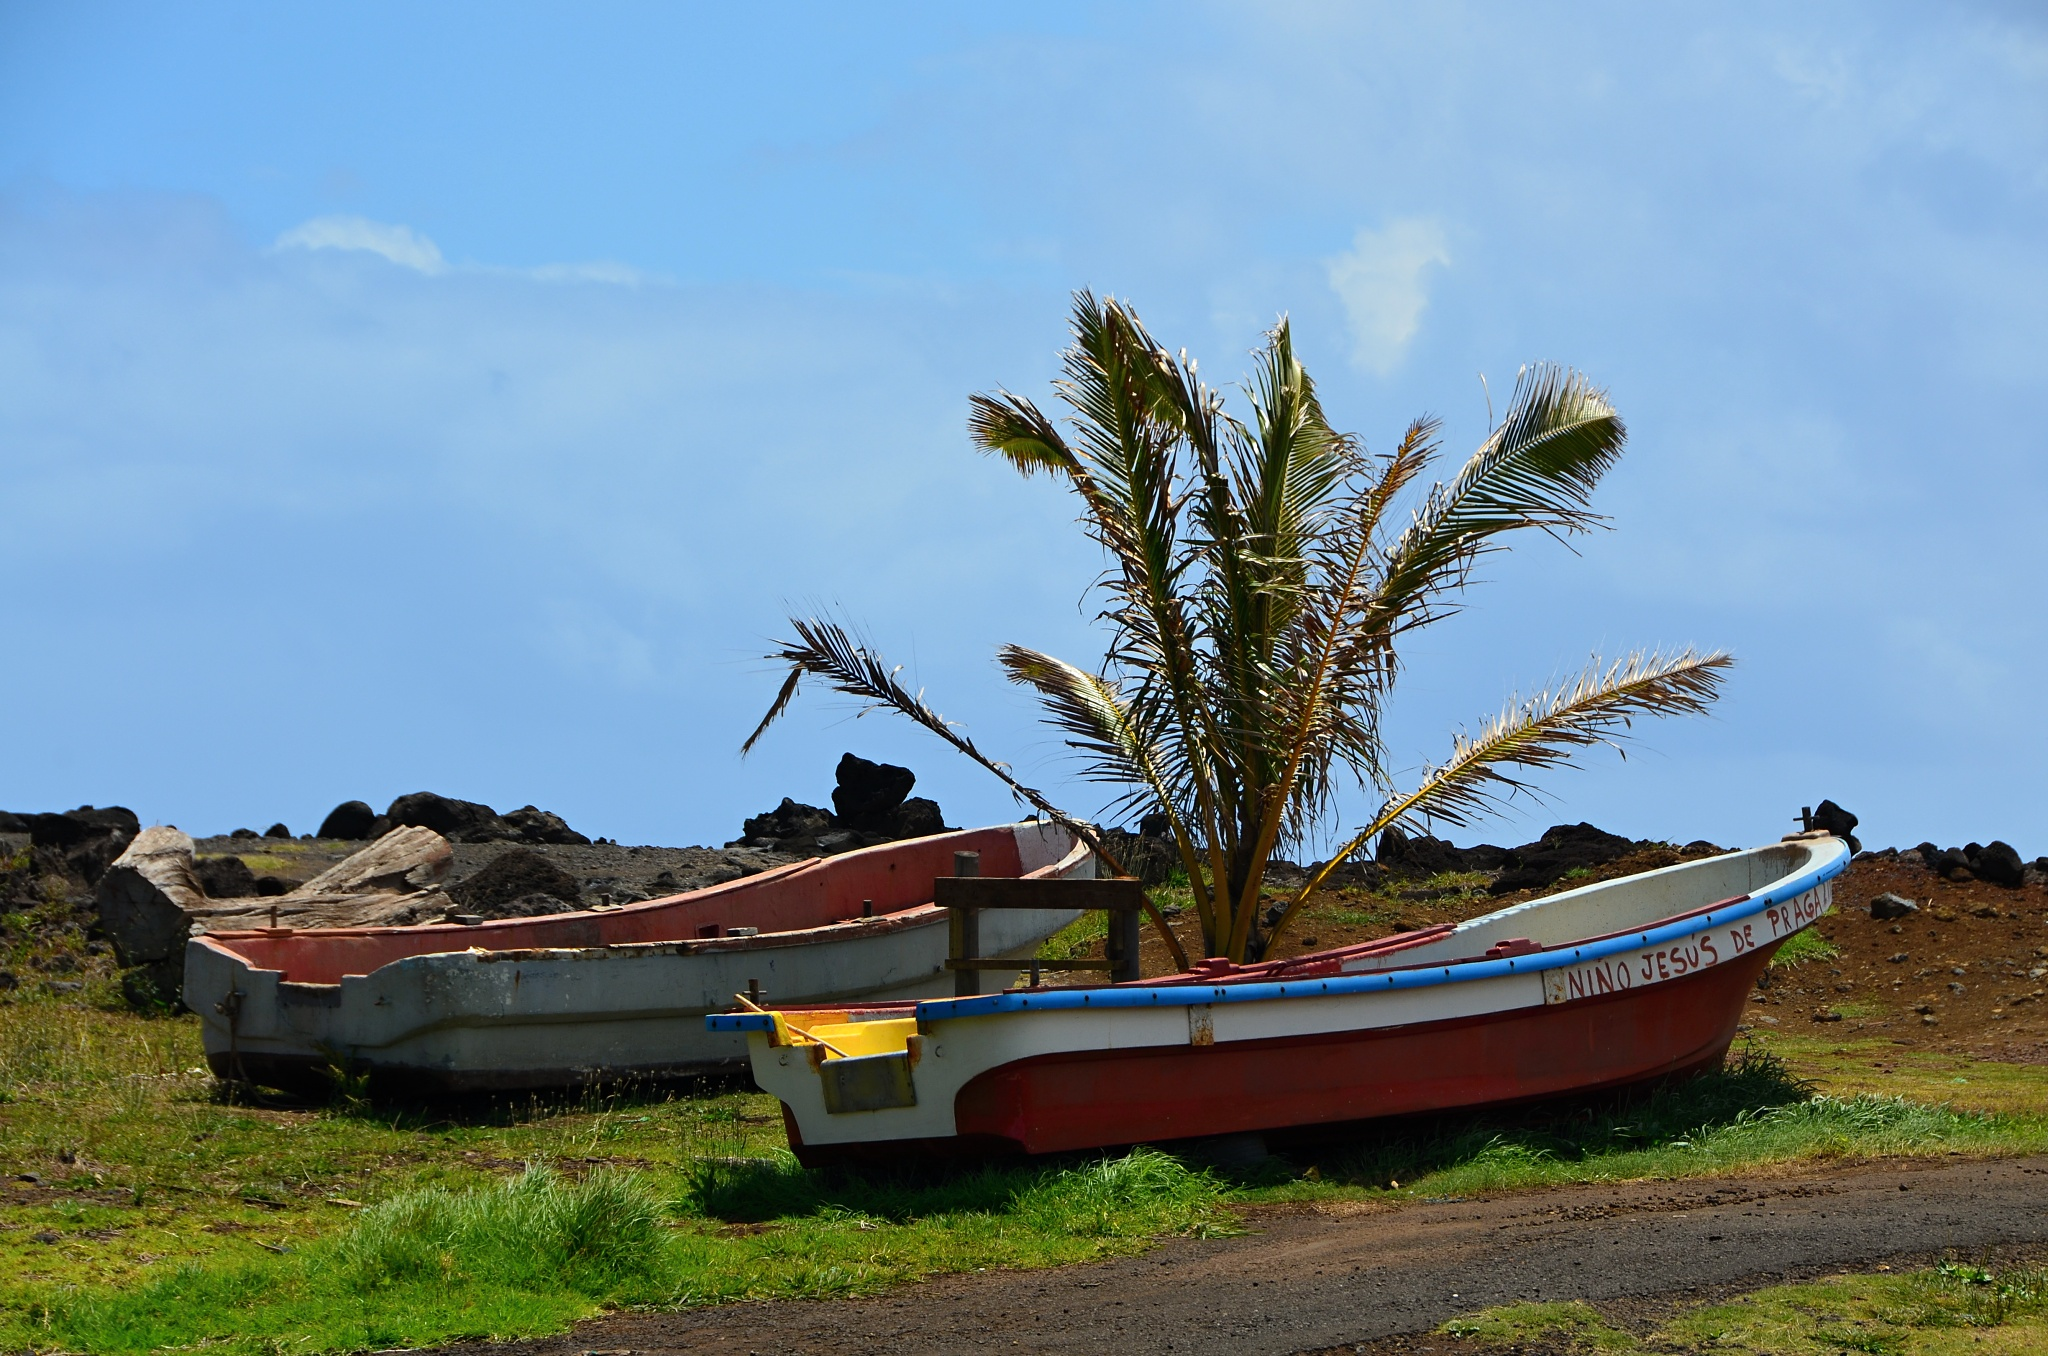 Trochu zvláštní jméno pro loďku na Velikonočním ostrově...